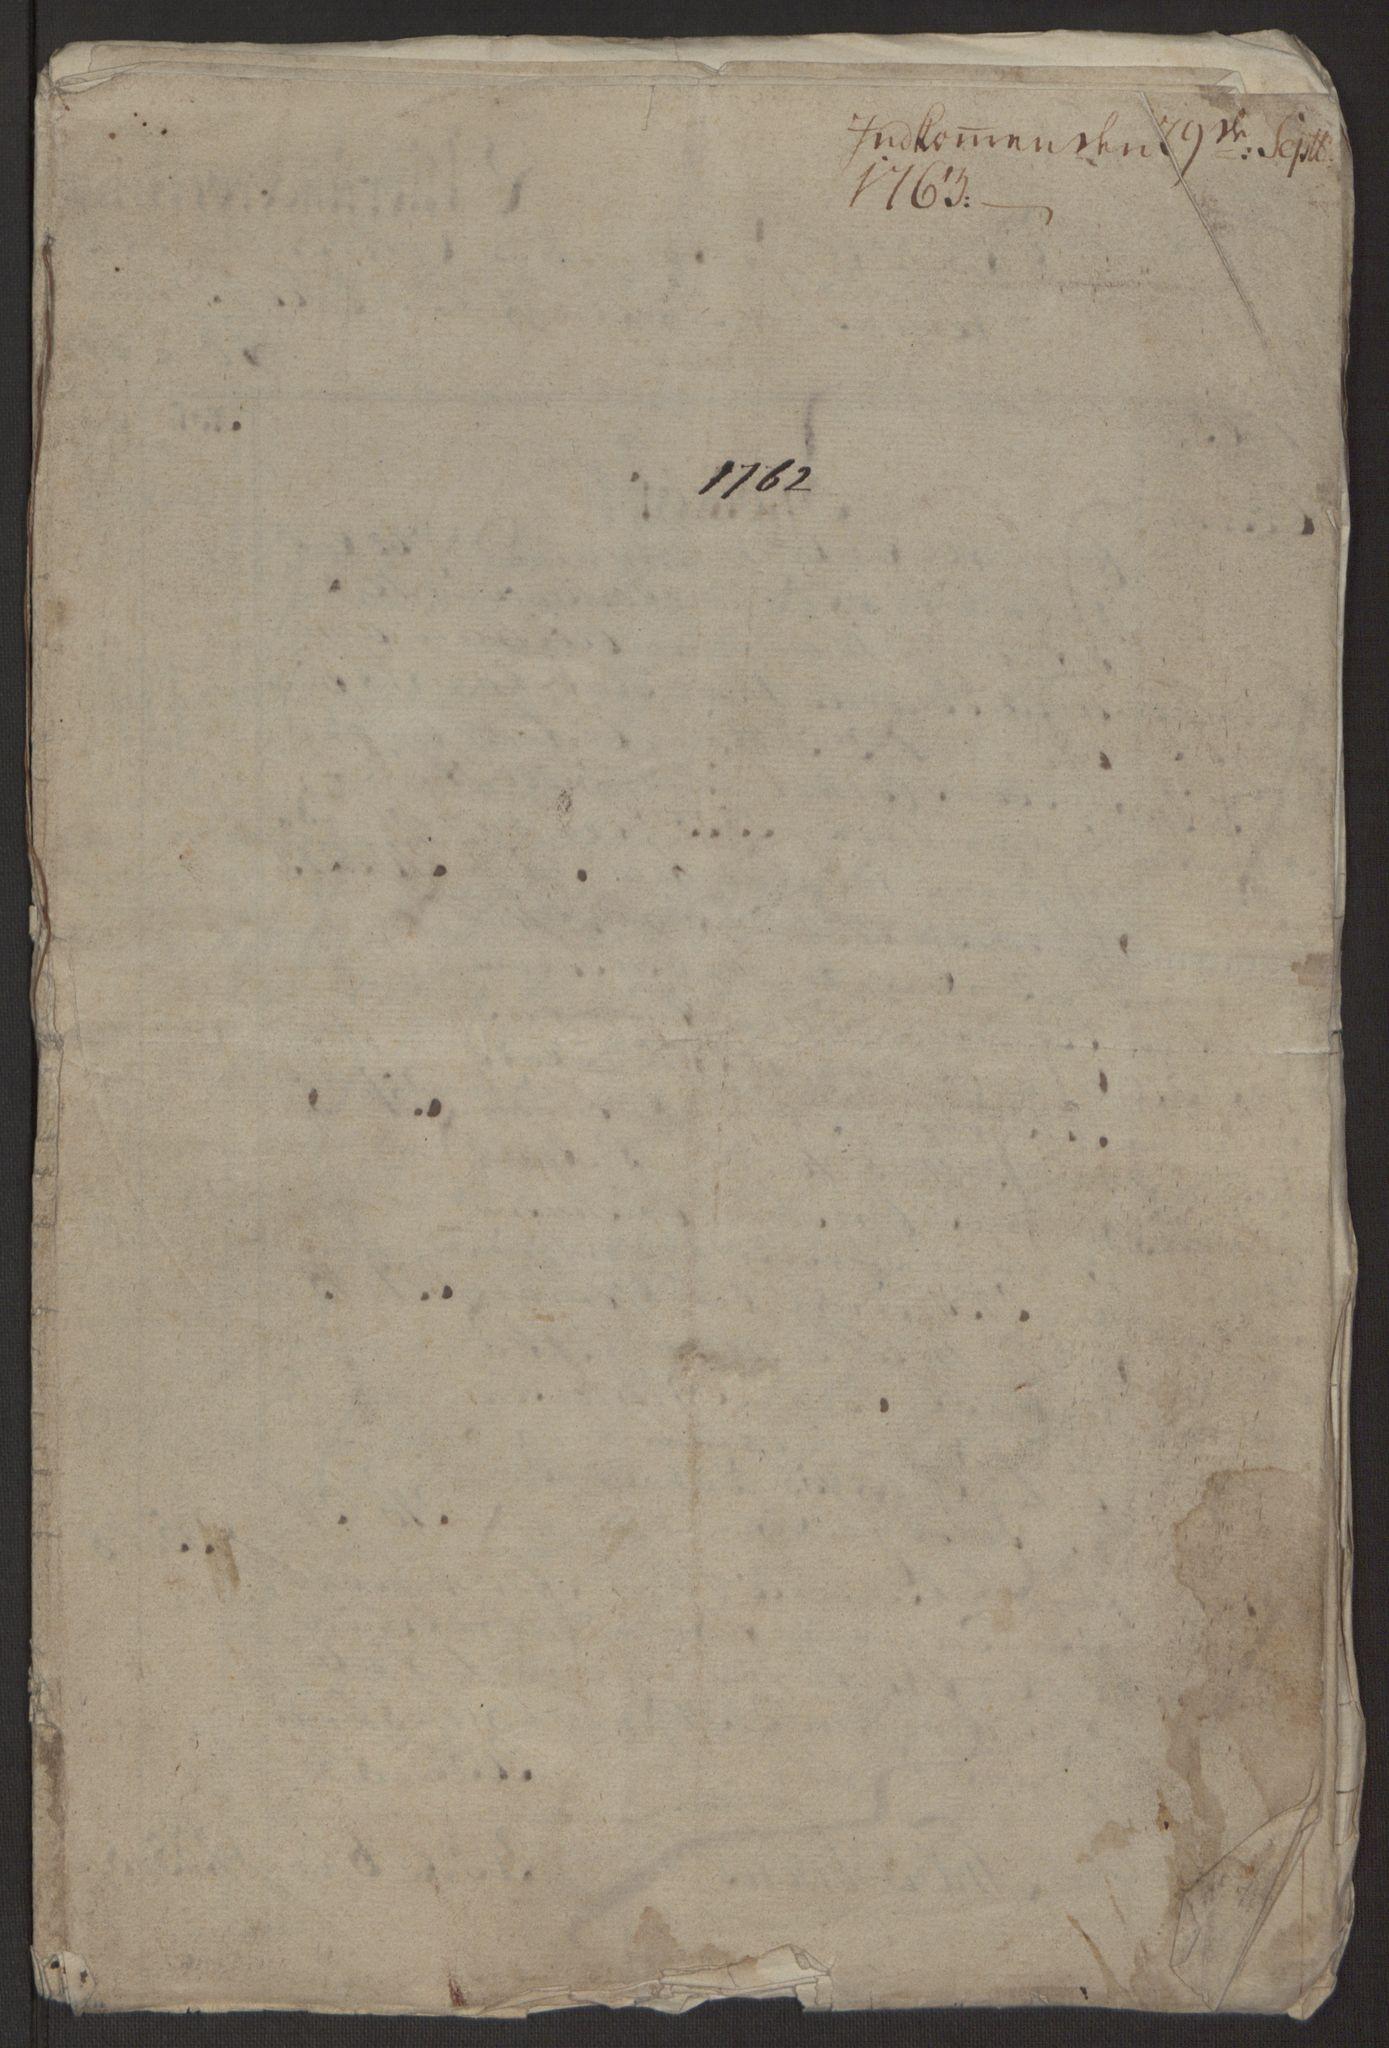 RA, Rentekammeret inntil 1814, Reviderte regnskaper, Byregnskaper, R/Rp/L0365: [P20] Kontribusjonsregnskap, 1762, s. 11